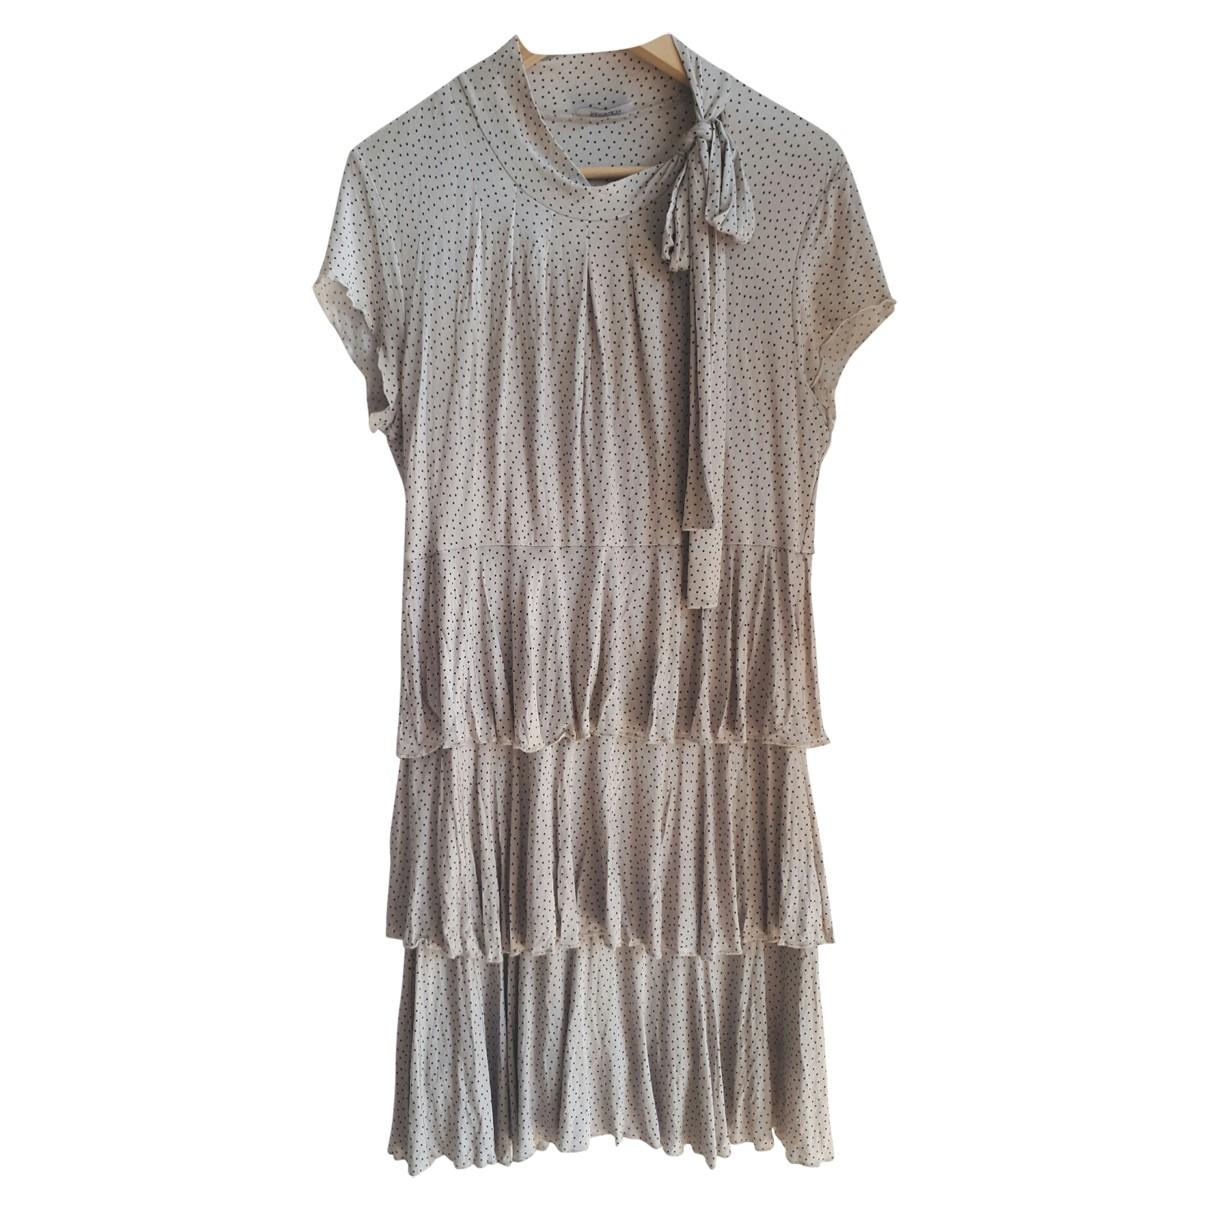 Max & Co \N Kleid in  Grau Viskose